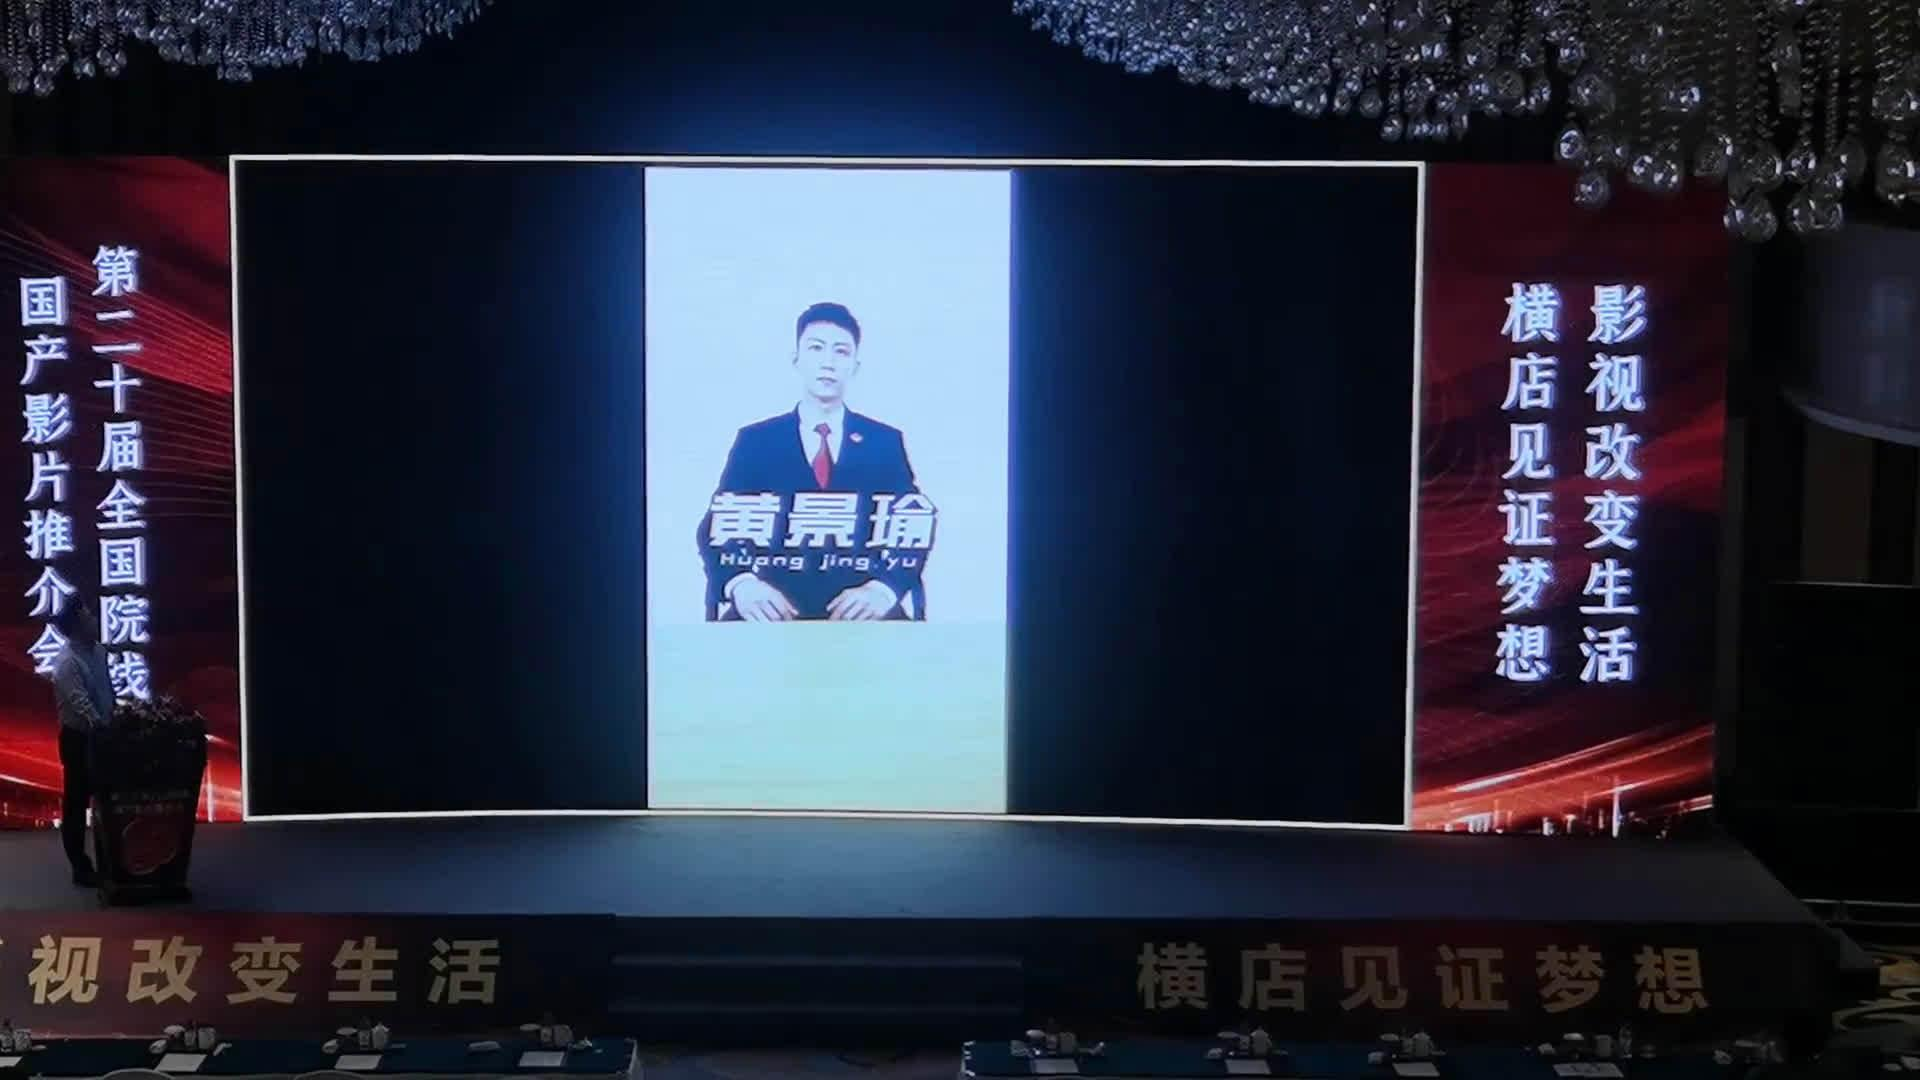 上, 全阵容首发,由麦兆辉编导,赵鹏编剧……